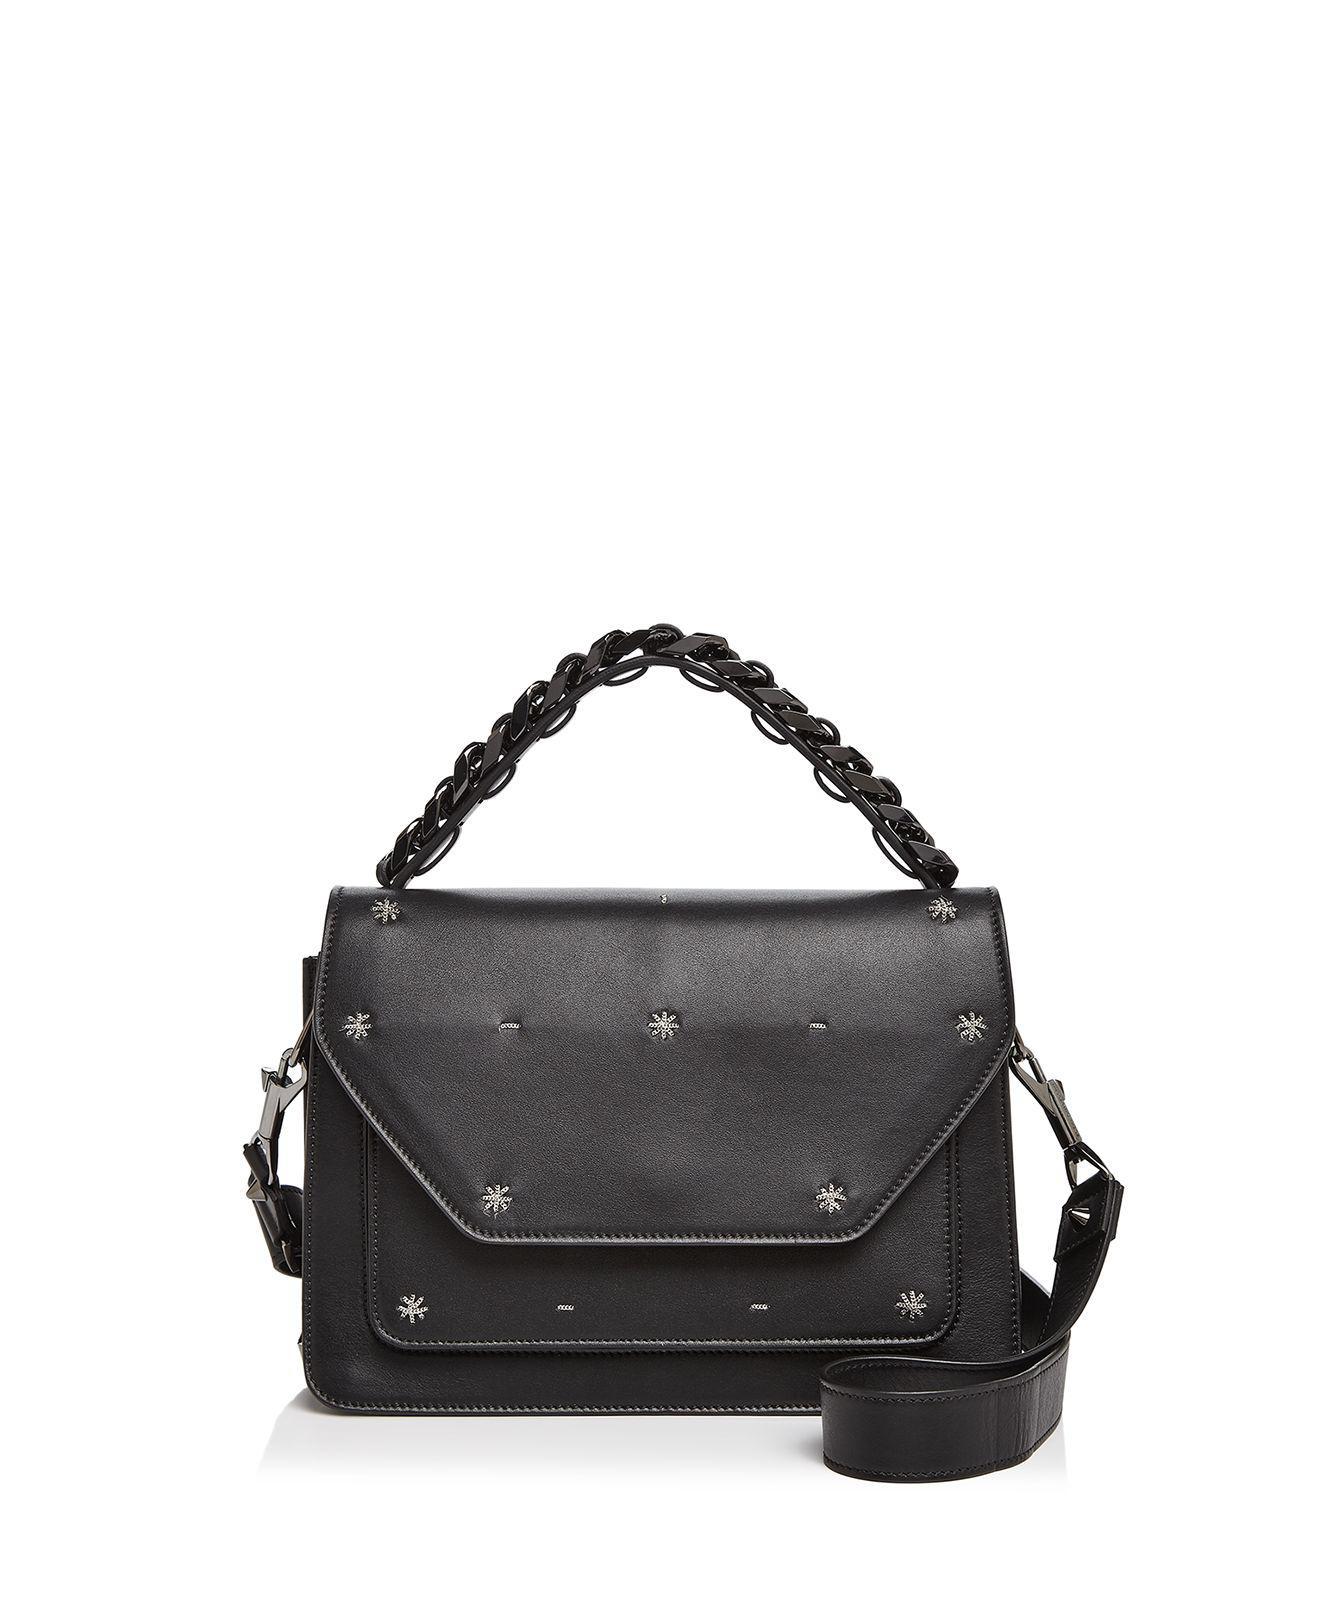 BAGS - Shoulder bags Elena Ghisellini VniDbtiIPf